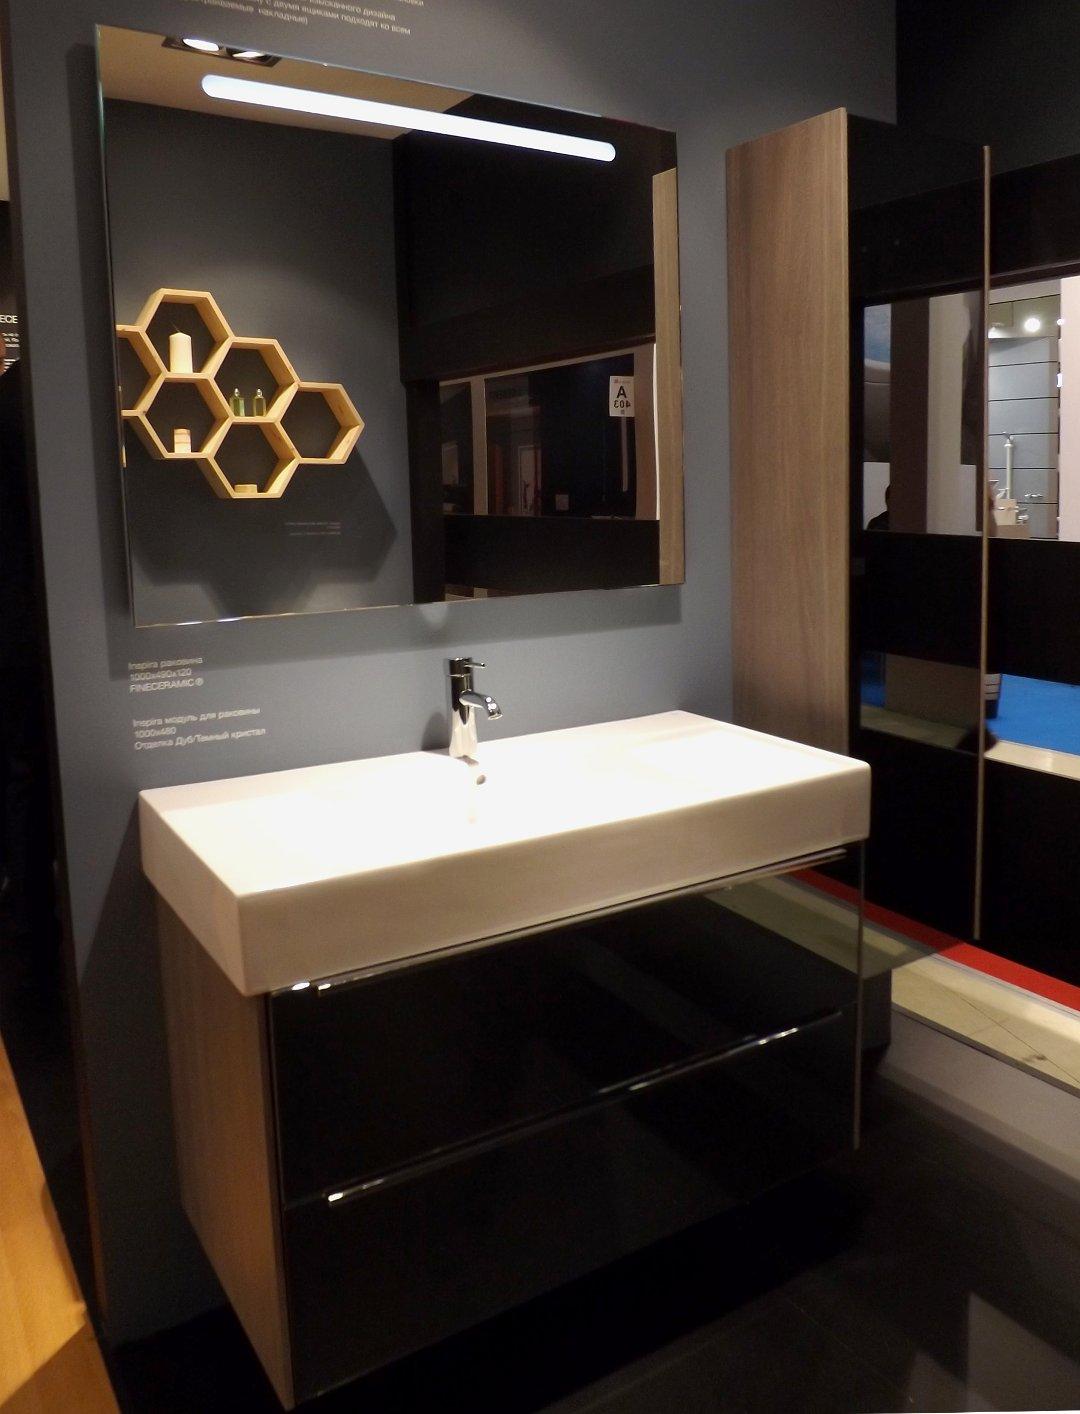 Мебельный модуль с оформлением «тёмный дуб» и раковина шириной 1 м из материала FINECERAMIC в формате SQUARE из коллекции INSPIRA от Roca, представленные на выставке MosBuild 2016